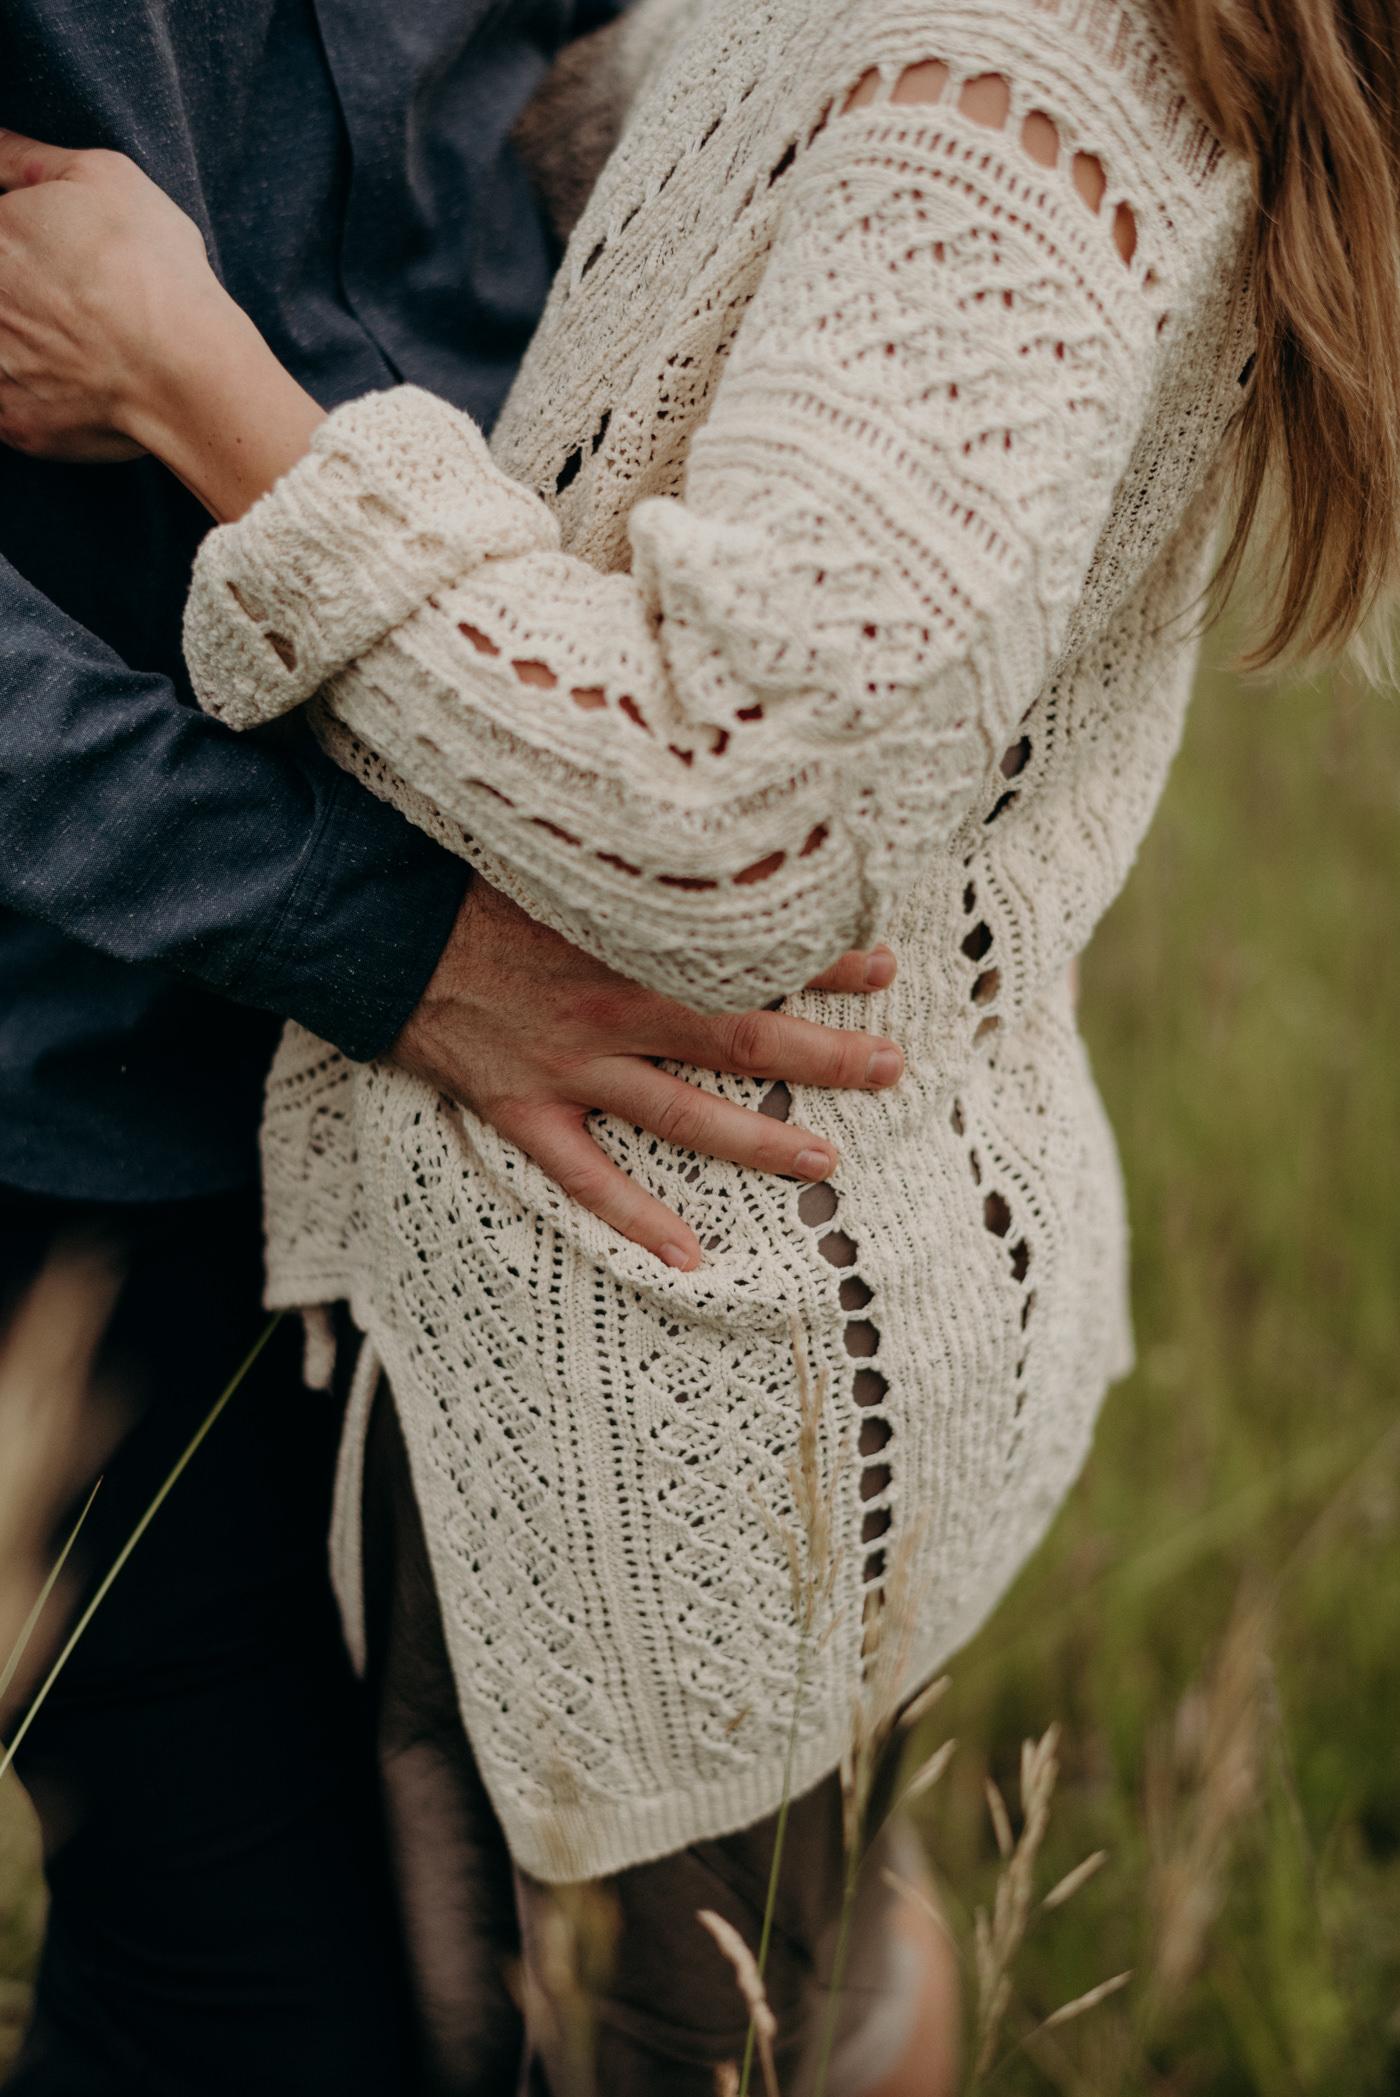 guy hugging girl in vintage sweater